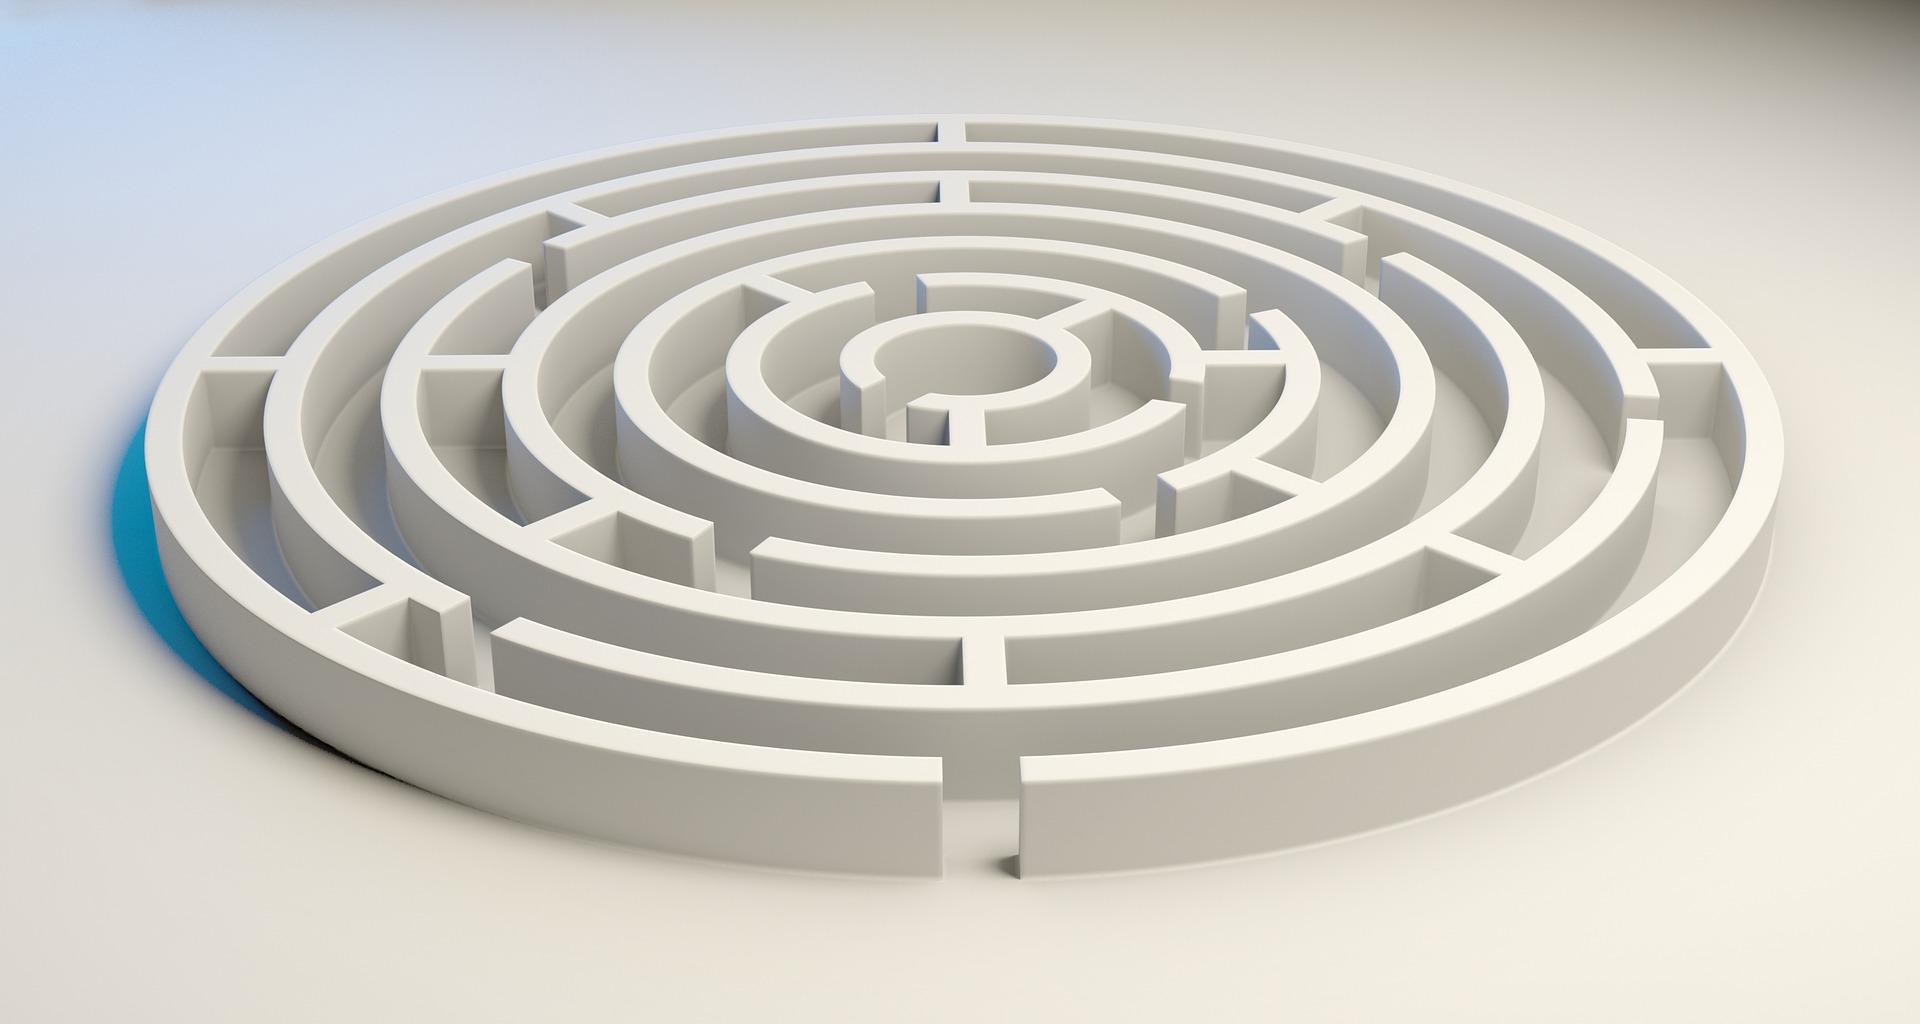 Kundenakquise – Hilfreiche Tipps für Ihren Weg durch das Telefonakquise-Labyrinth